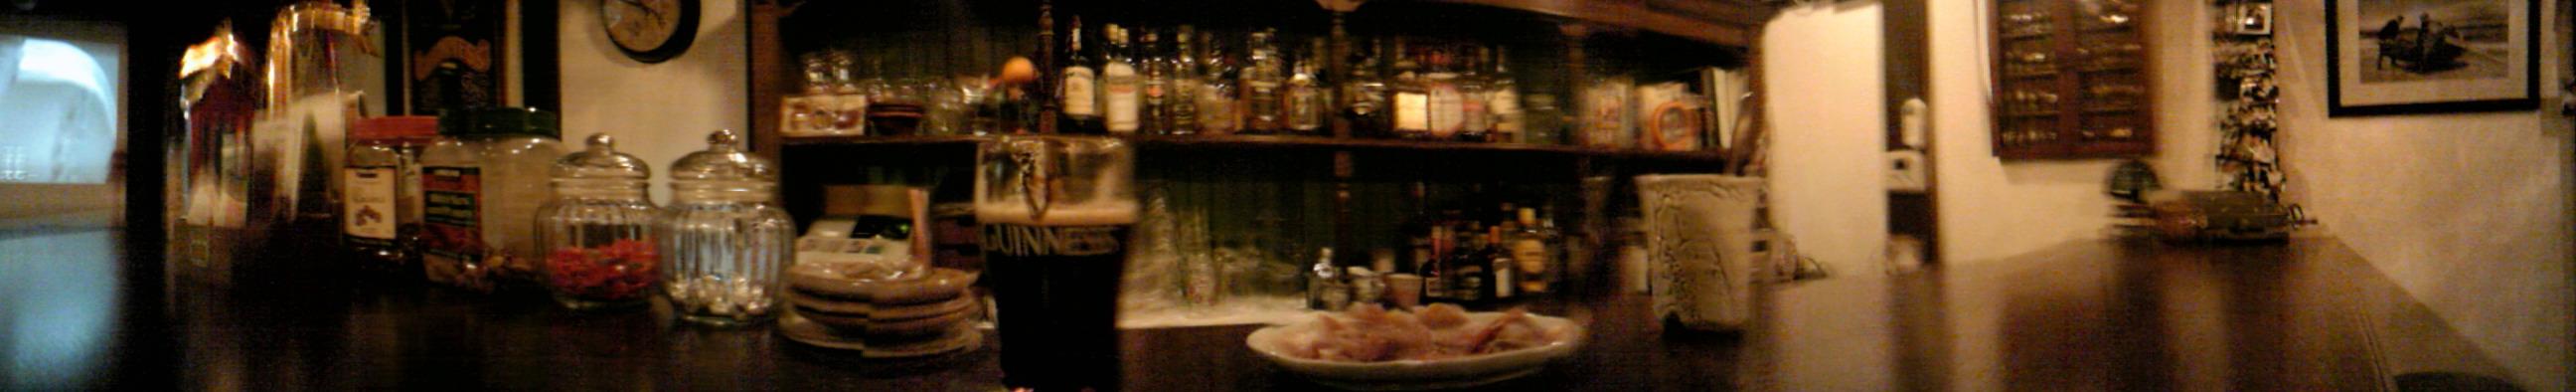 Irish Pub Sam�fs